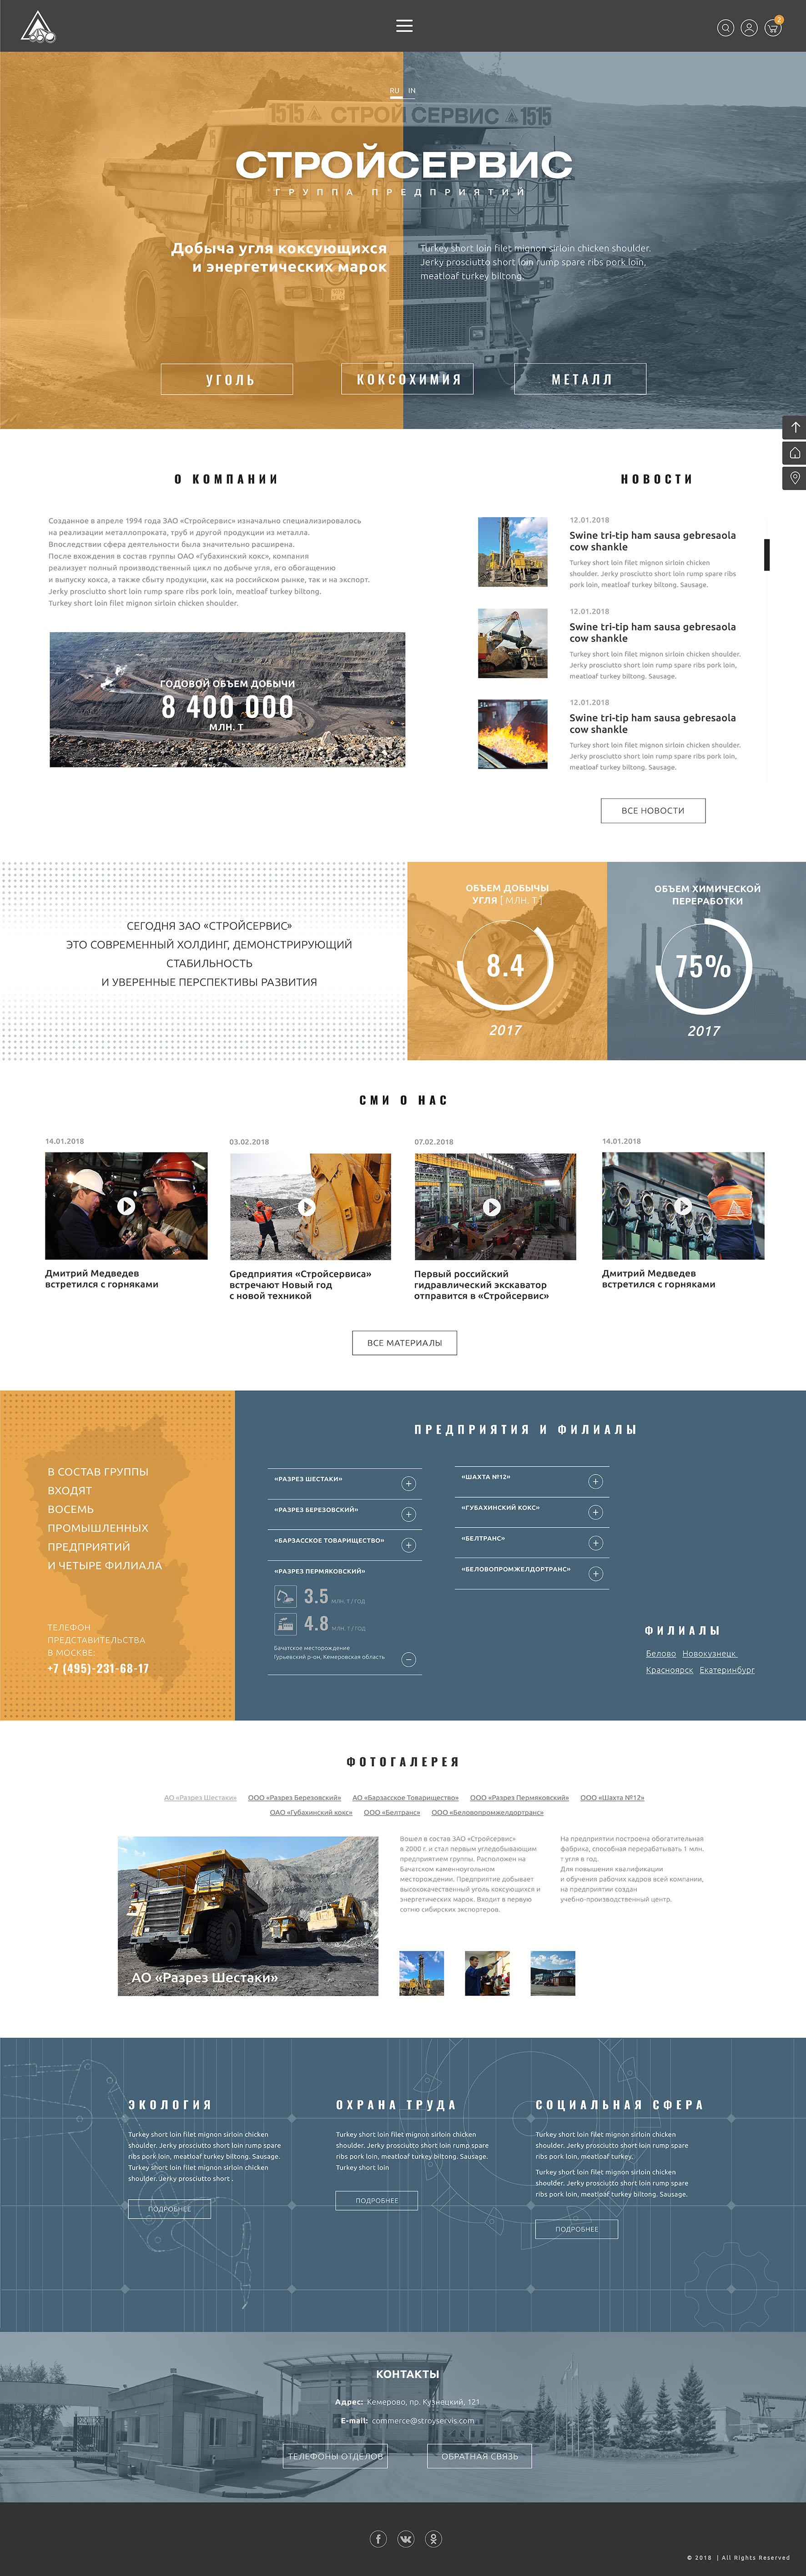 Разработка дизайна сайта угледобывающей компании фото f_5635a91b4193cf48.jpg